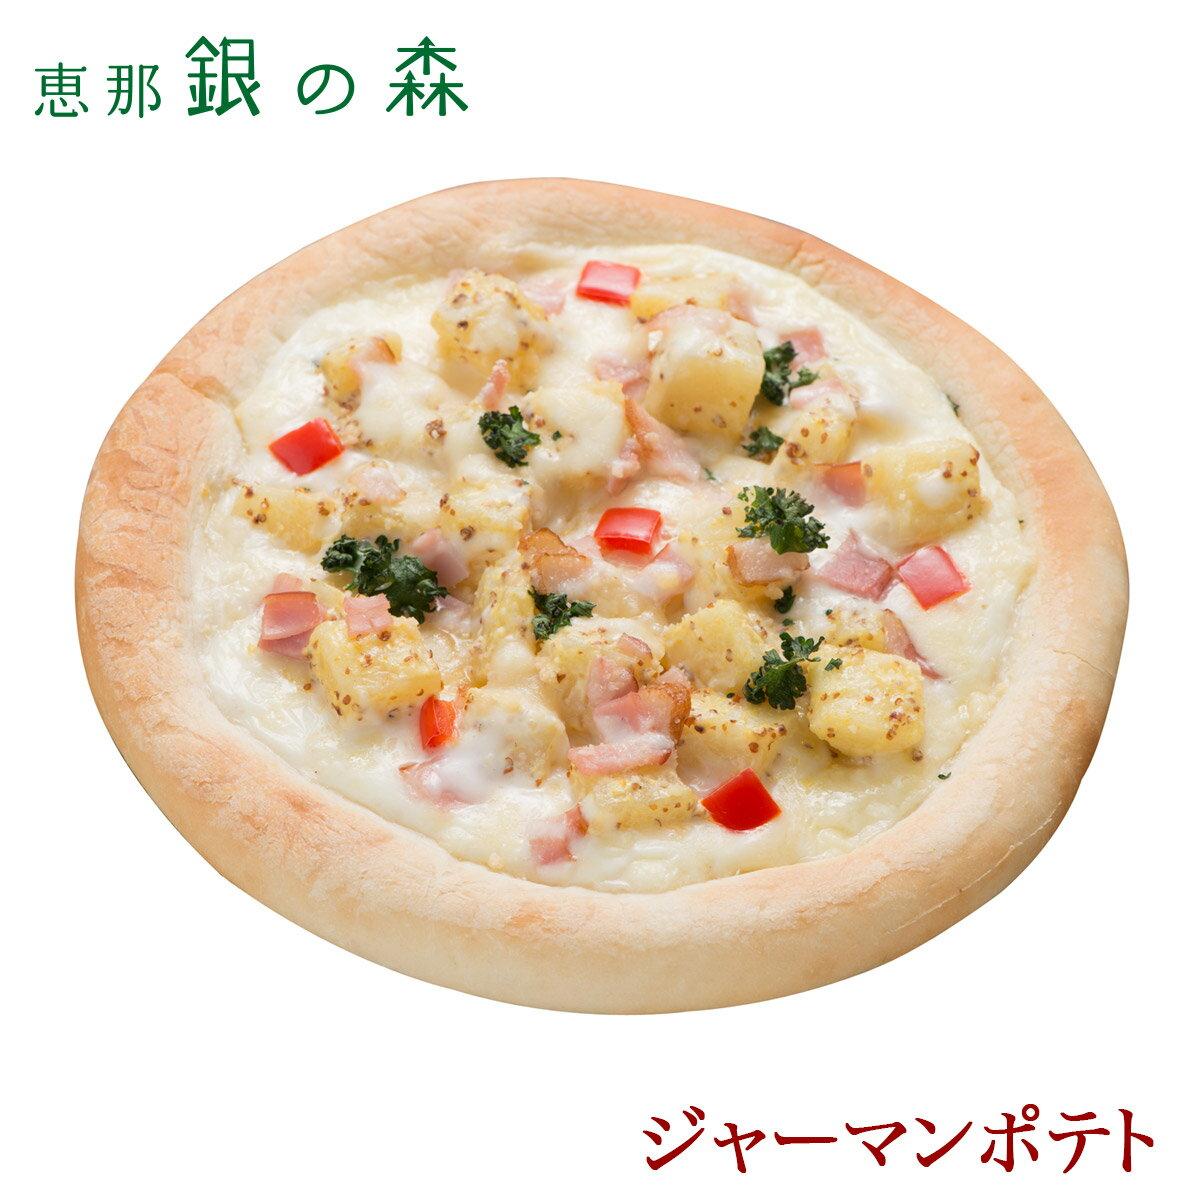 ジャーマンポテト ピザ 【 冷凍ピザ pizza set 冷凍 ピッツァ 】